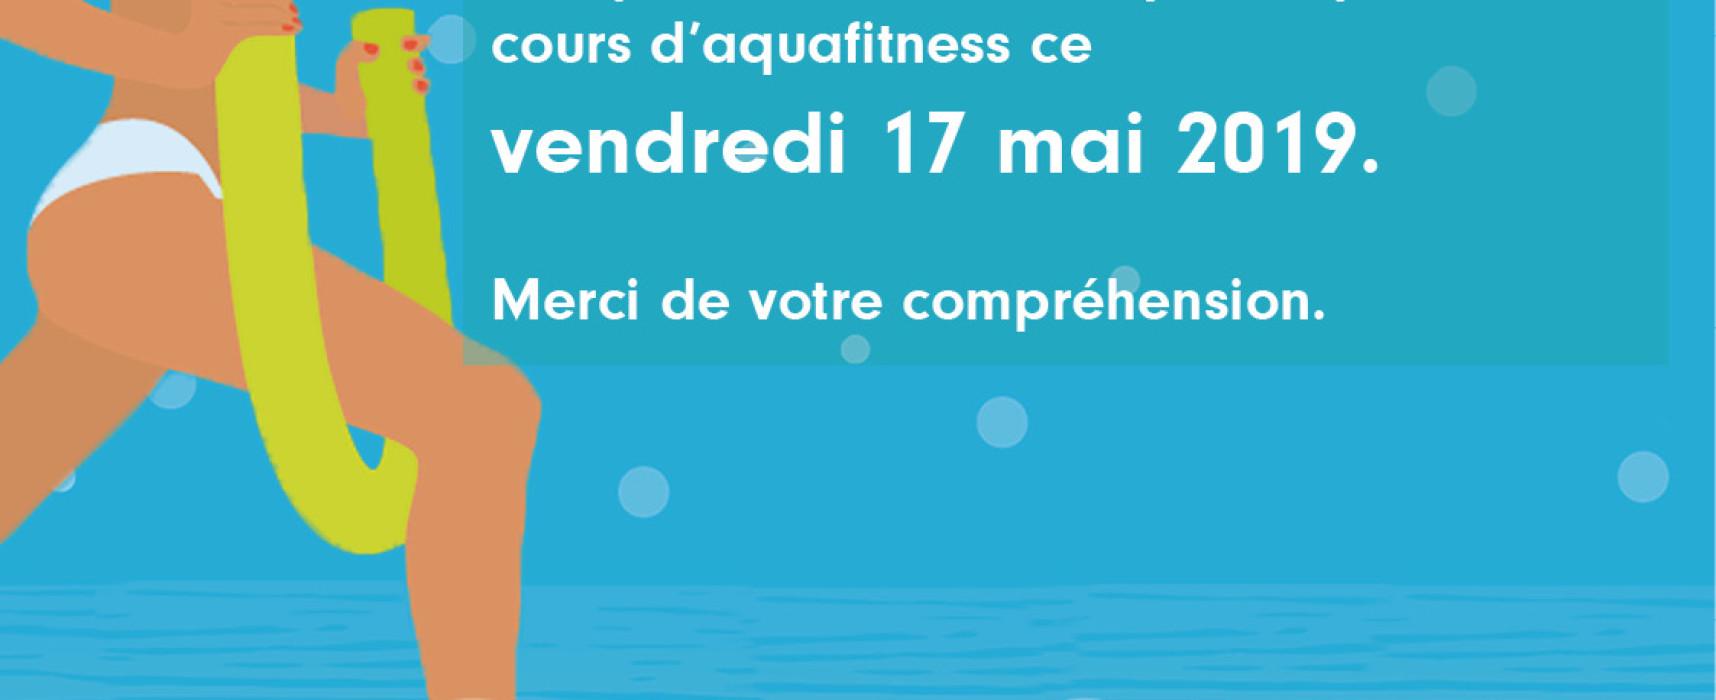 AQUASUD, pas de cours d'Aquafitness vendredi 17 mai